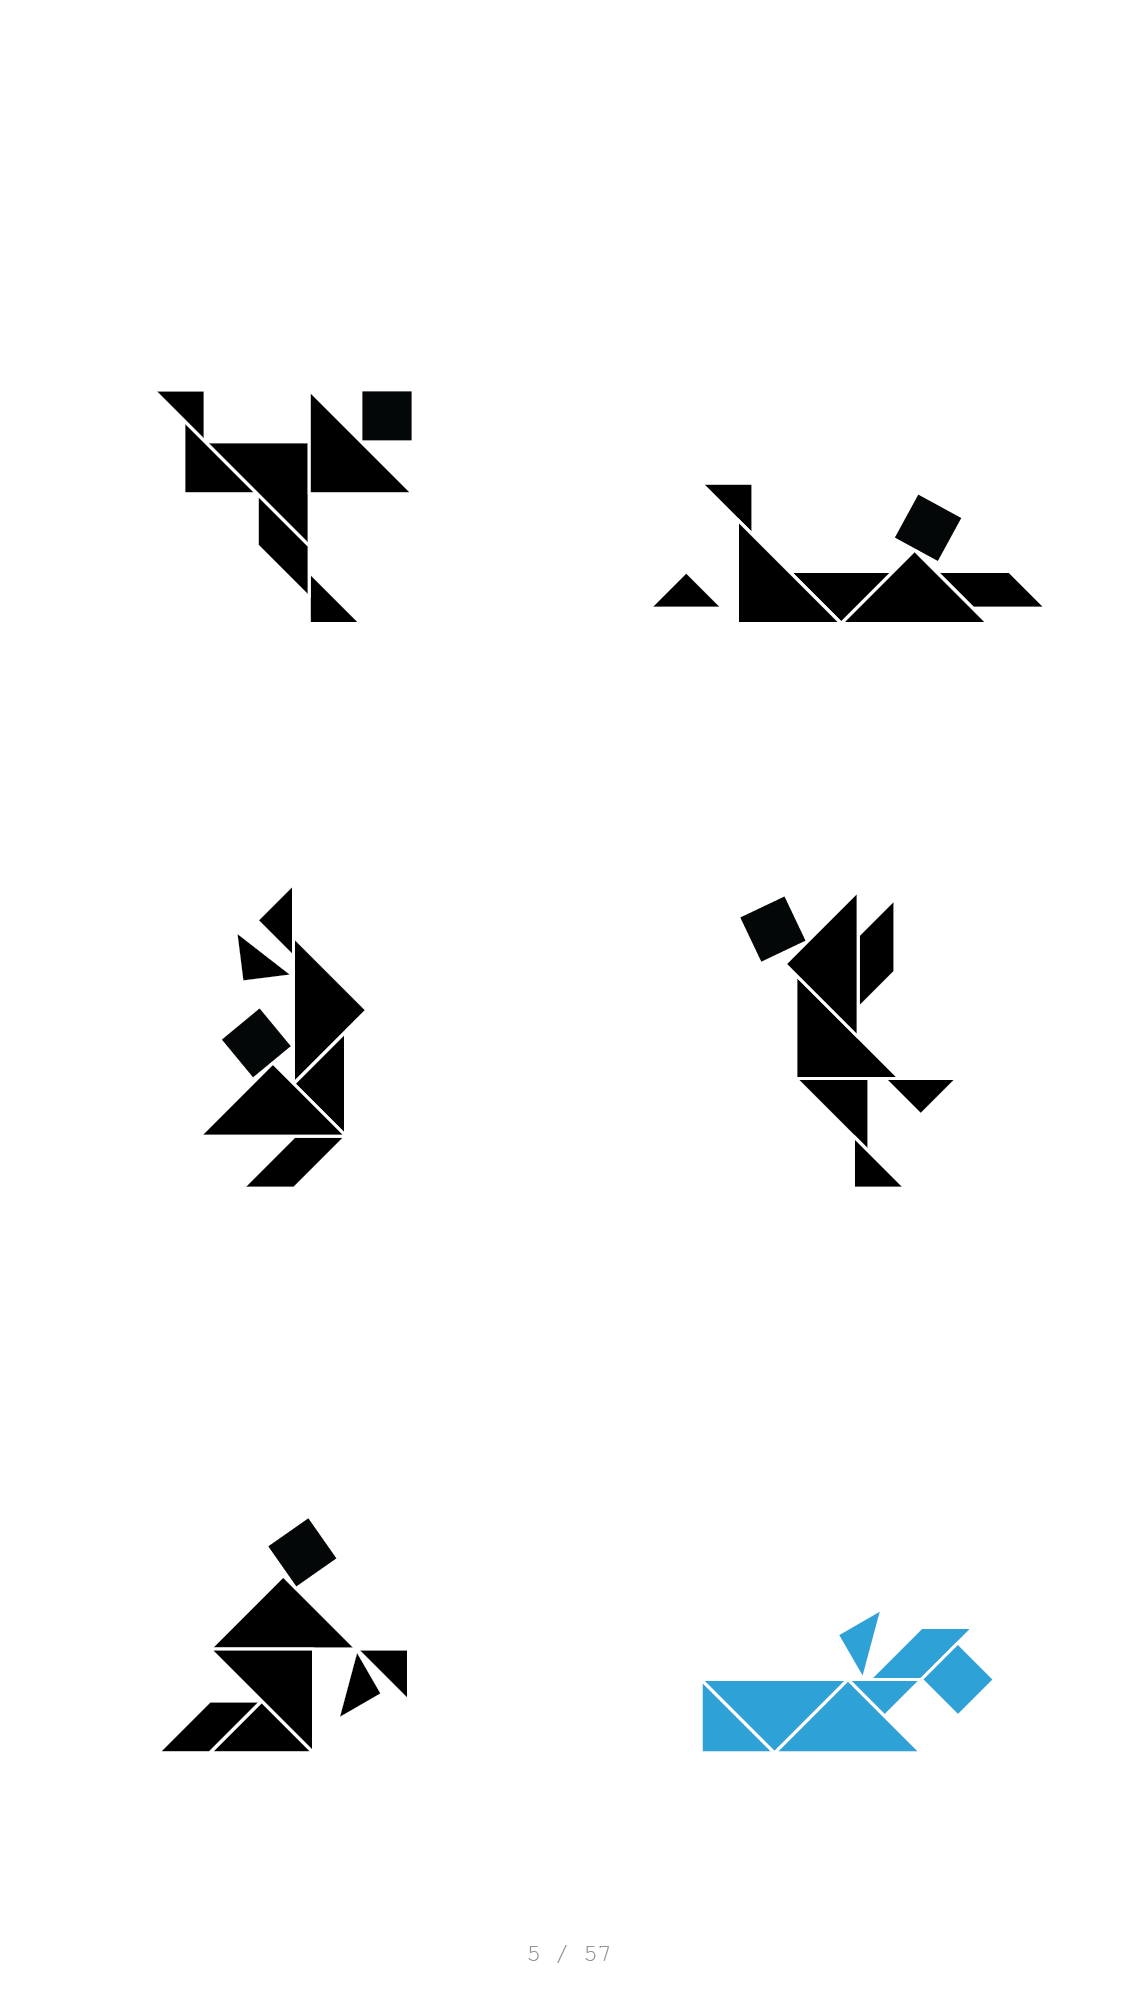 Tangram_Layout_2x3_schwarz-05